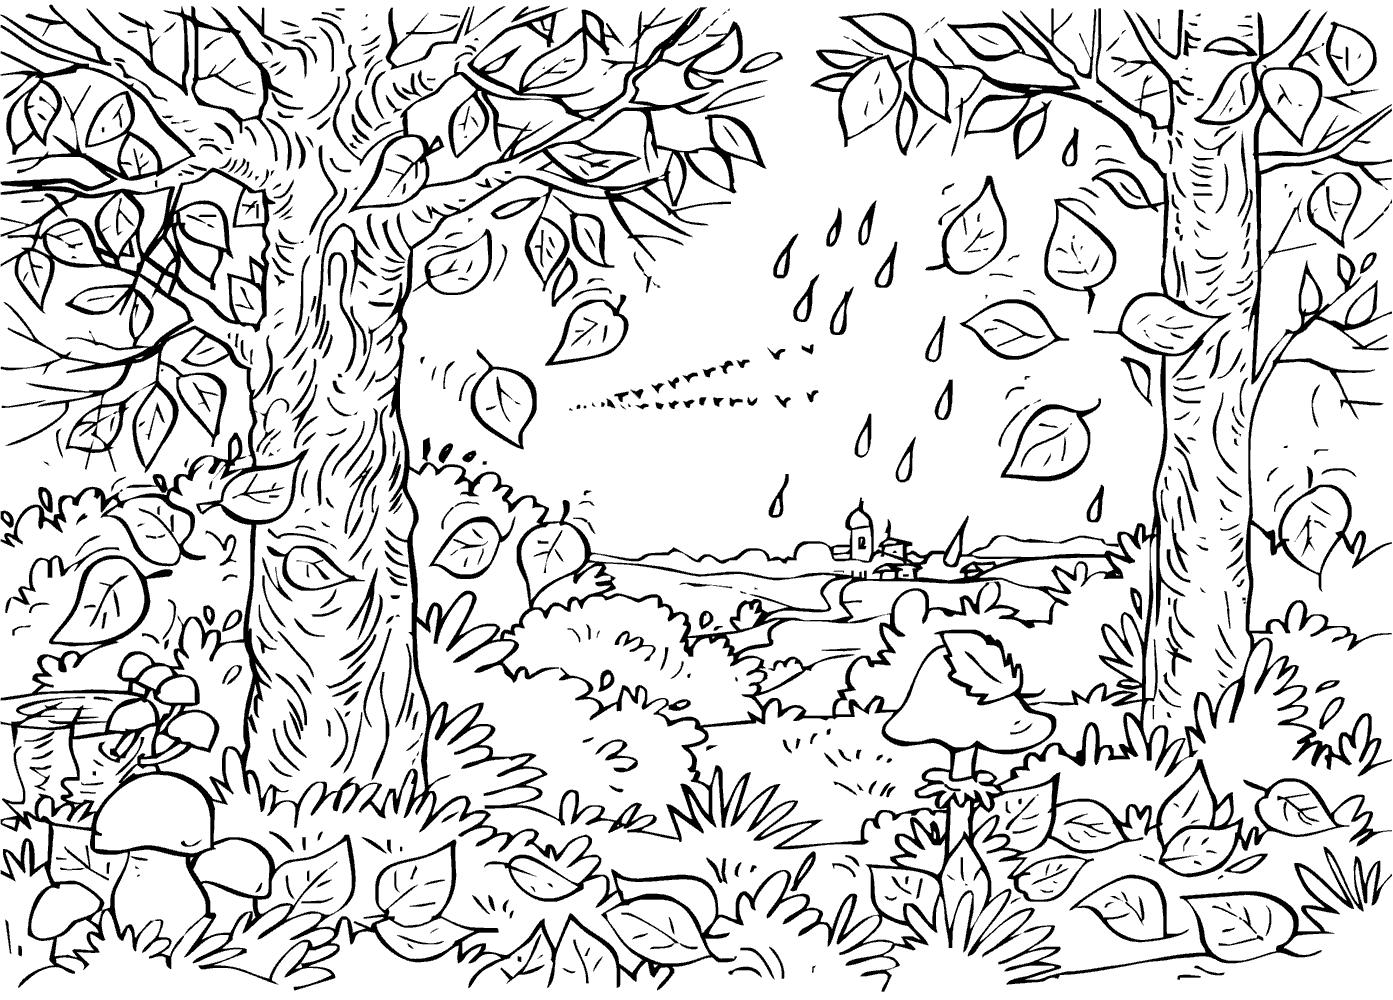 Осенний лес Раскраски Раскраски осень